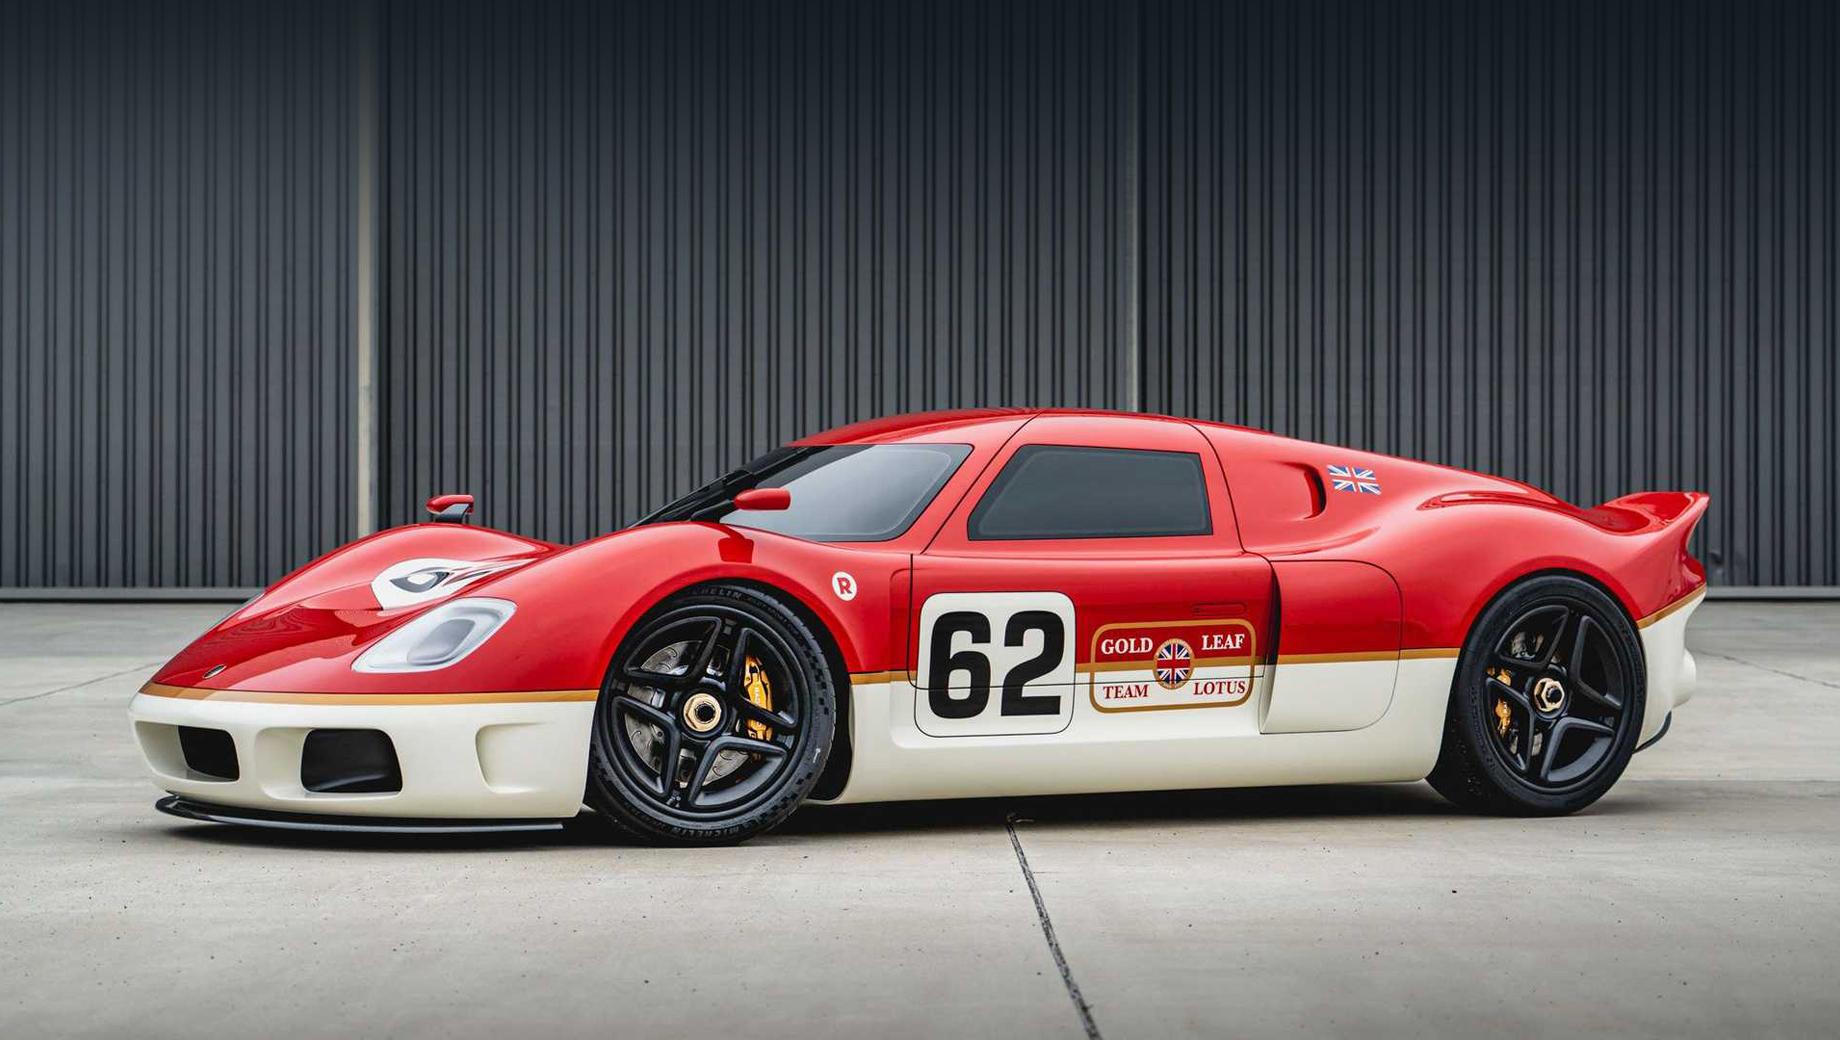 Lotus type 62. Современную реинкарнацию Лотуса 62 задумали и осуществили автомобильный телеведущий и дизайнер Ант Анстед, дизайнер Марк Стаббс и чемпион Формулы-1 2009 года британский гонщик Дженсон Баттон, а также бизнесмен Роджер Беле.